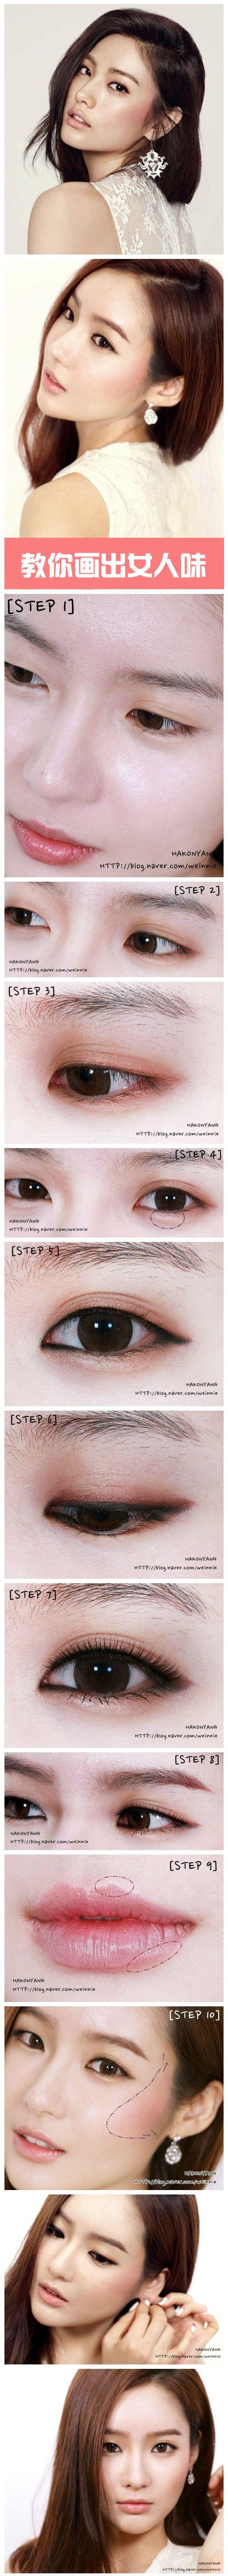 #Korea #makeup